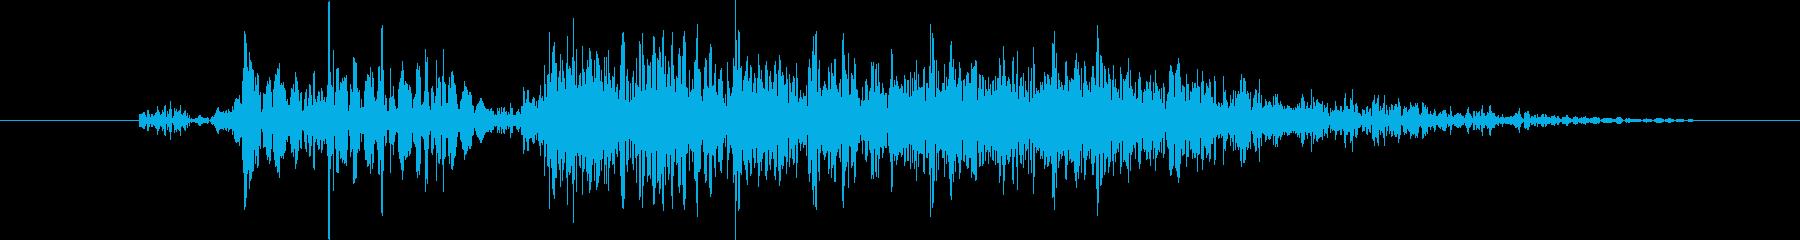 ヒューマノイド フィッシュマン・ス...の再生済みの波形